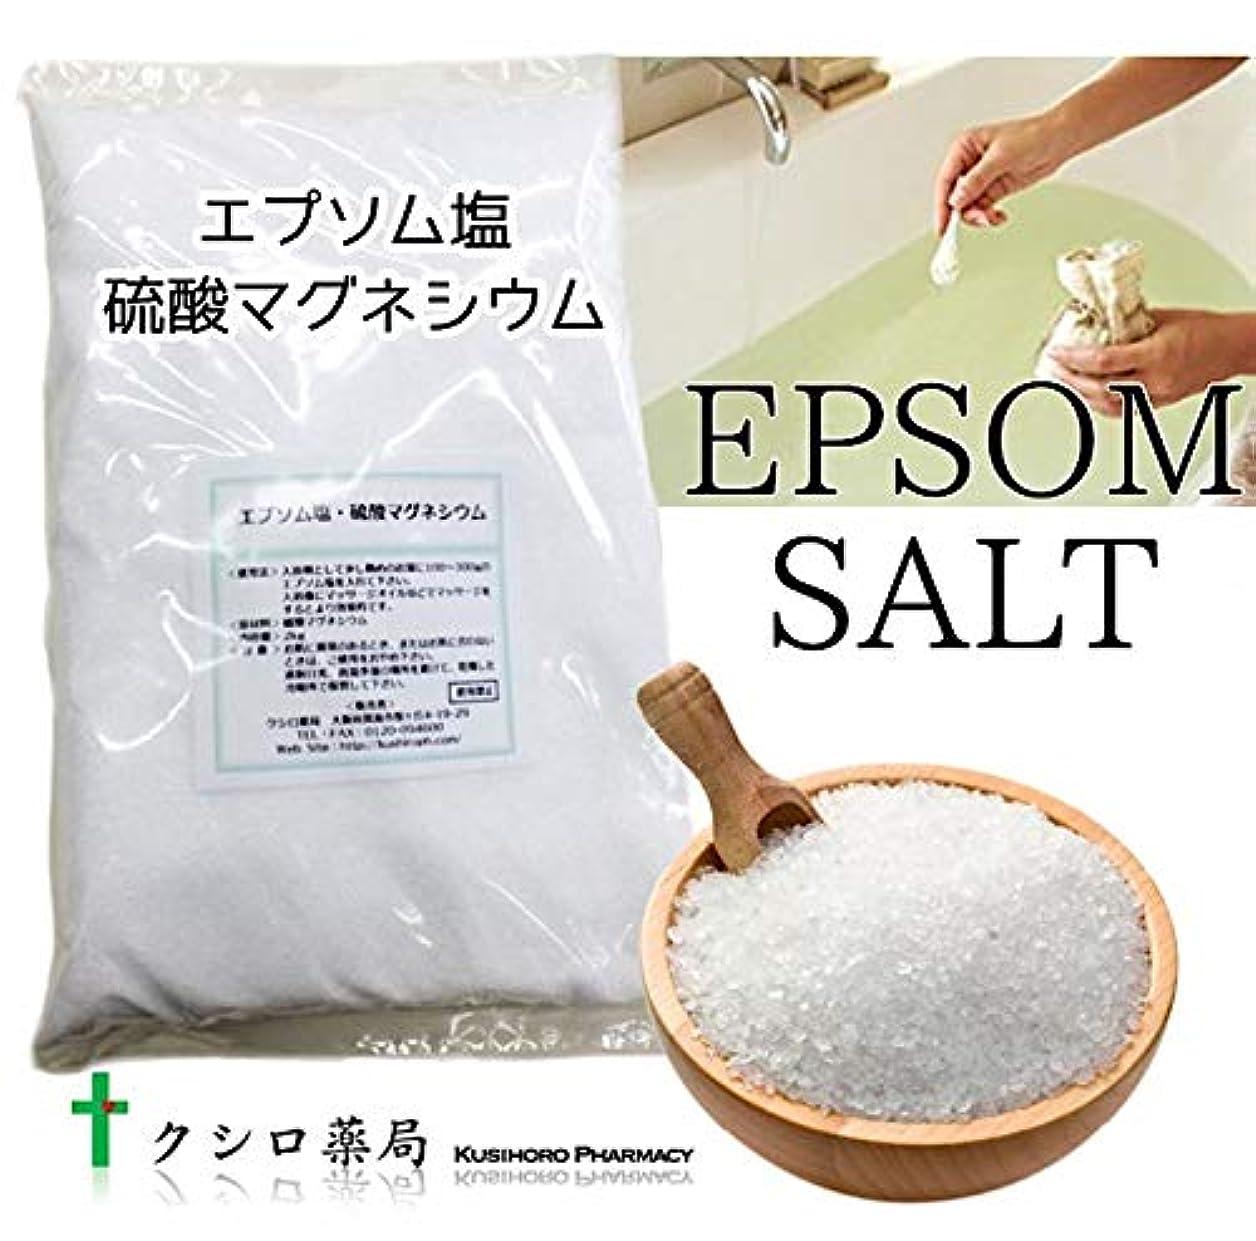 葉を集めるニックネーム過言エプソム塩?硫酸マグネシウム 2kg 【クシロ薬局エプソム塩?硫酸マグネシウム Epsom Salt】 (5袋)